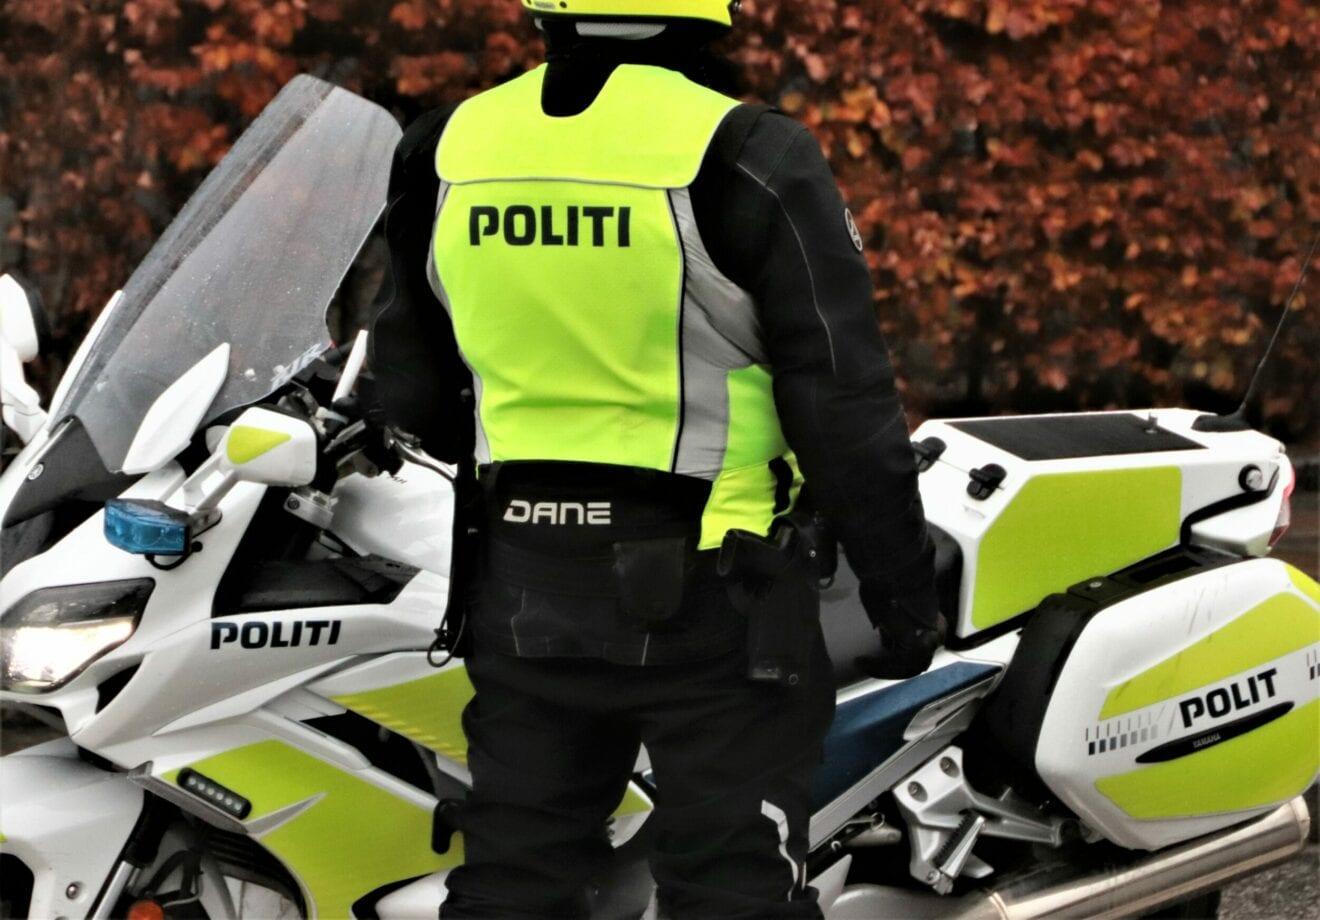 Politiet satte fokus på cyklister og knallertkørere